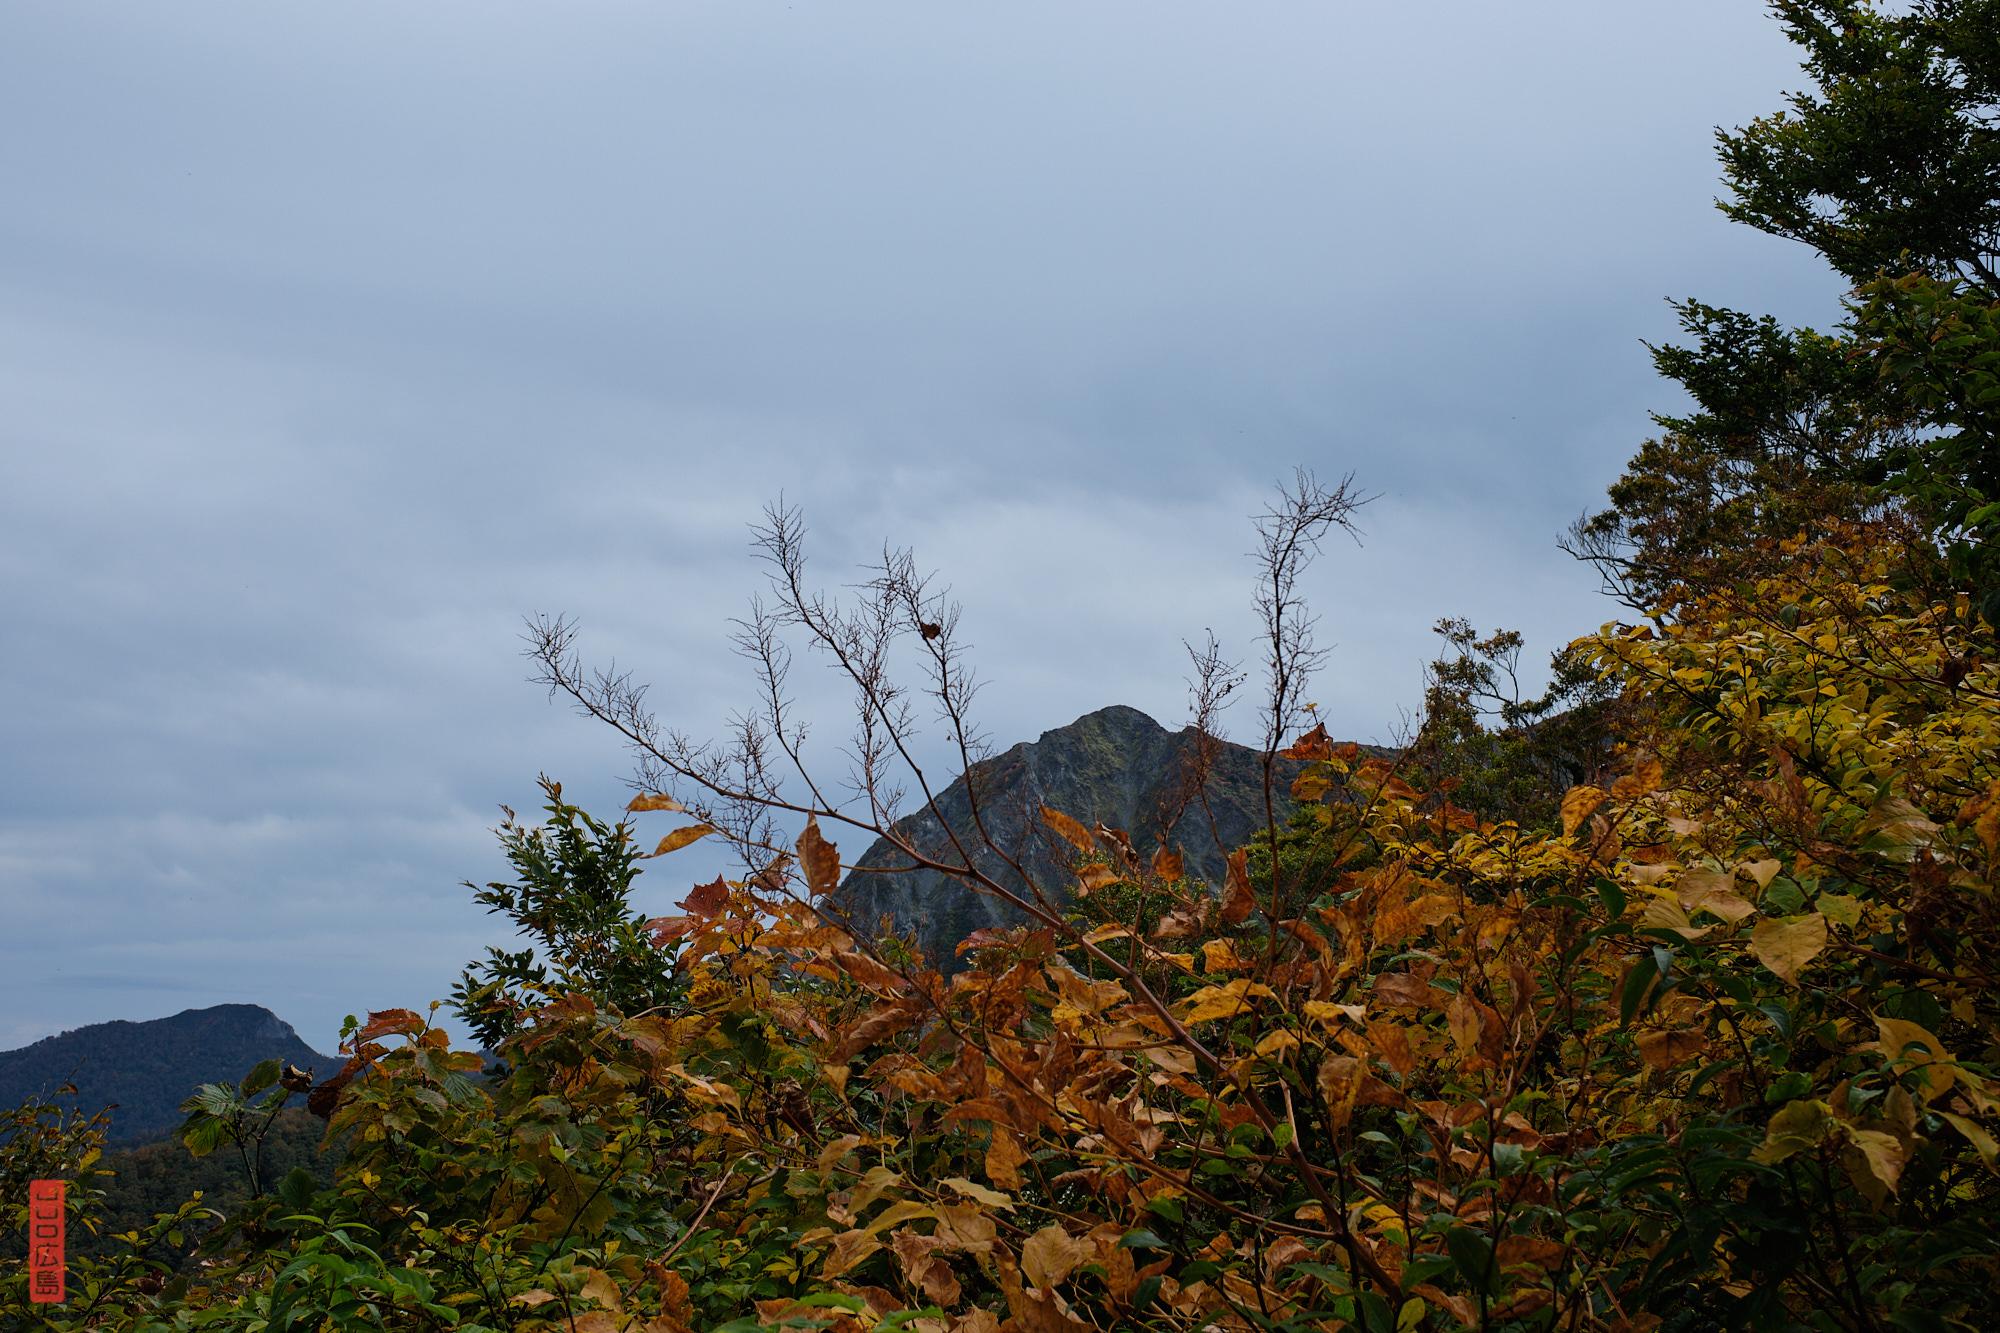 Vue sur le sommet du Mont Daisen